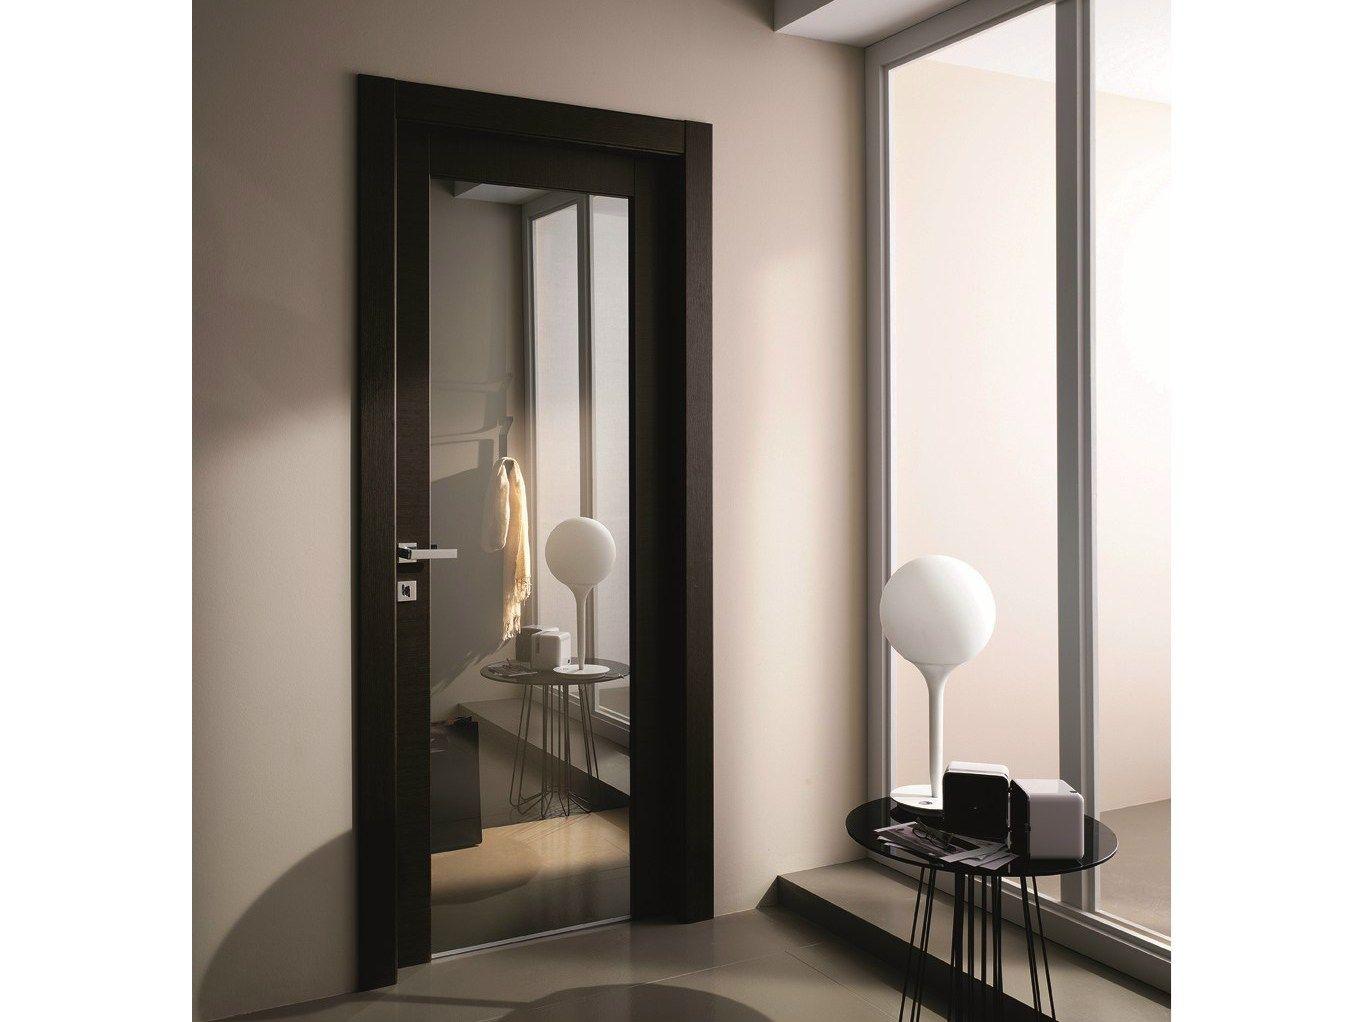 Stilia porta in vetro a specchio by gidea - Porta a specchio ...